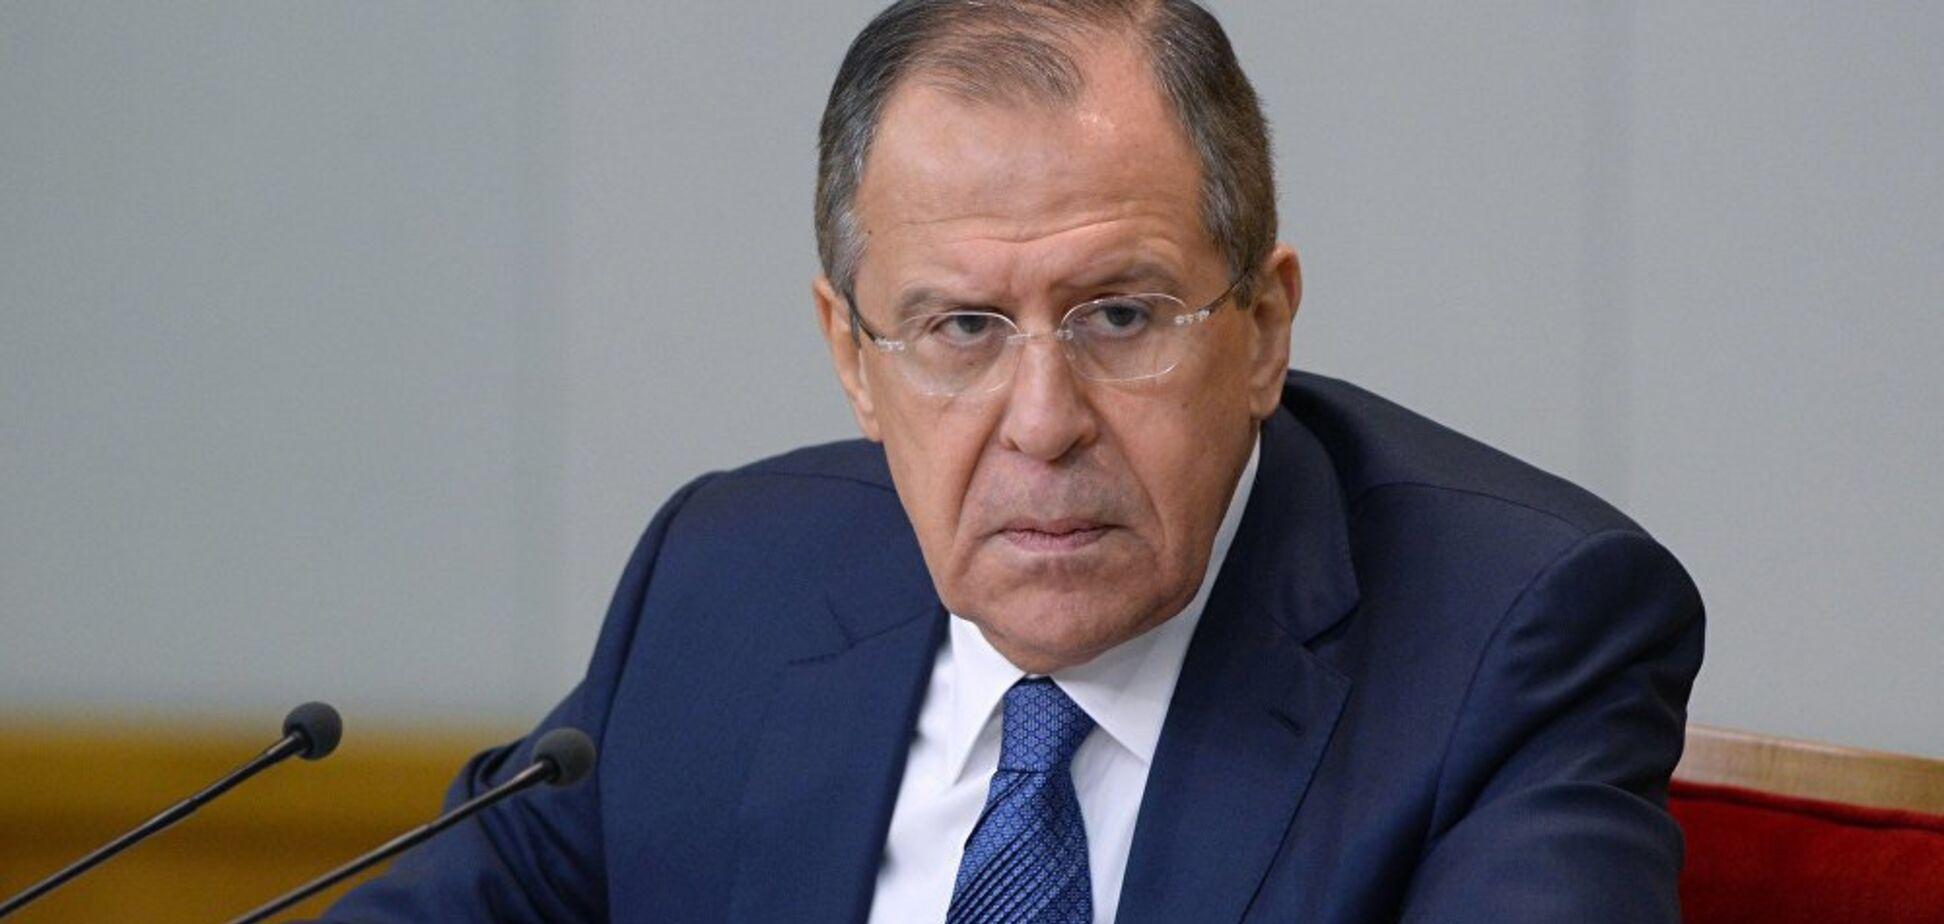 'Мы потеряем всю Украину': Лавров прояснил планы России по 'ДНР' и 'ЛНР'